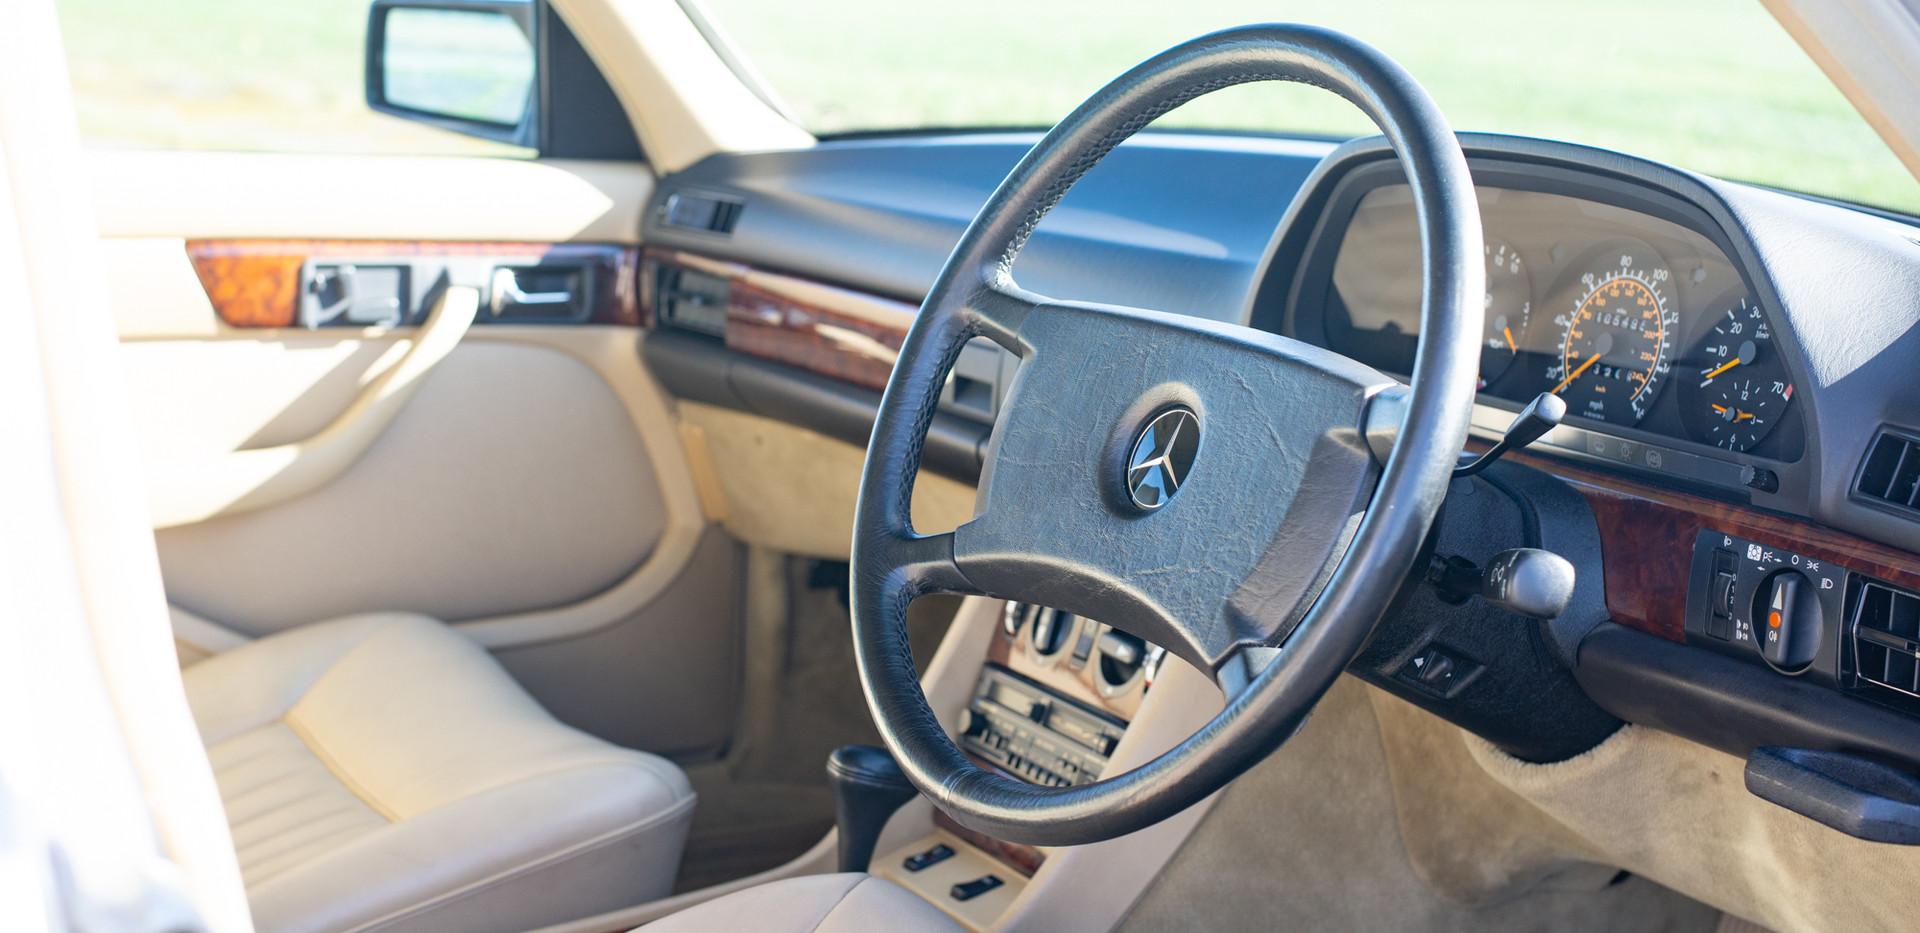 W126 420SEL E3TGW For Sale London-19.jpg